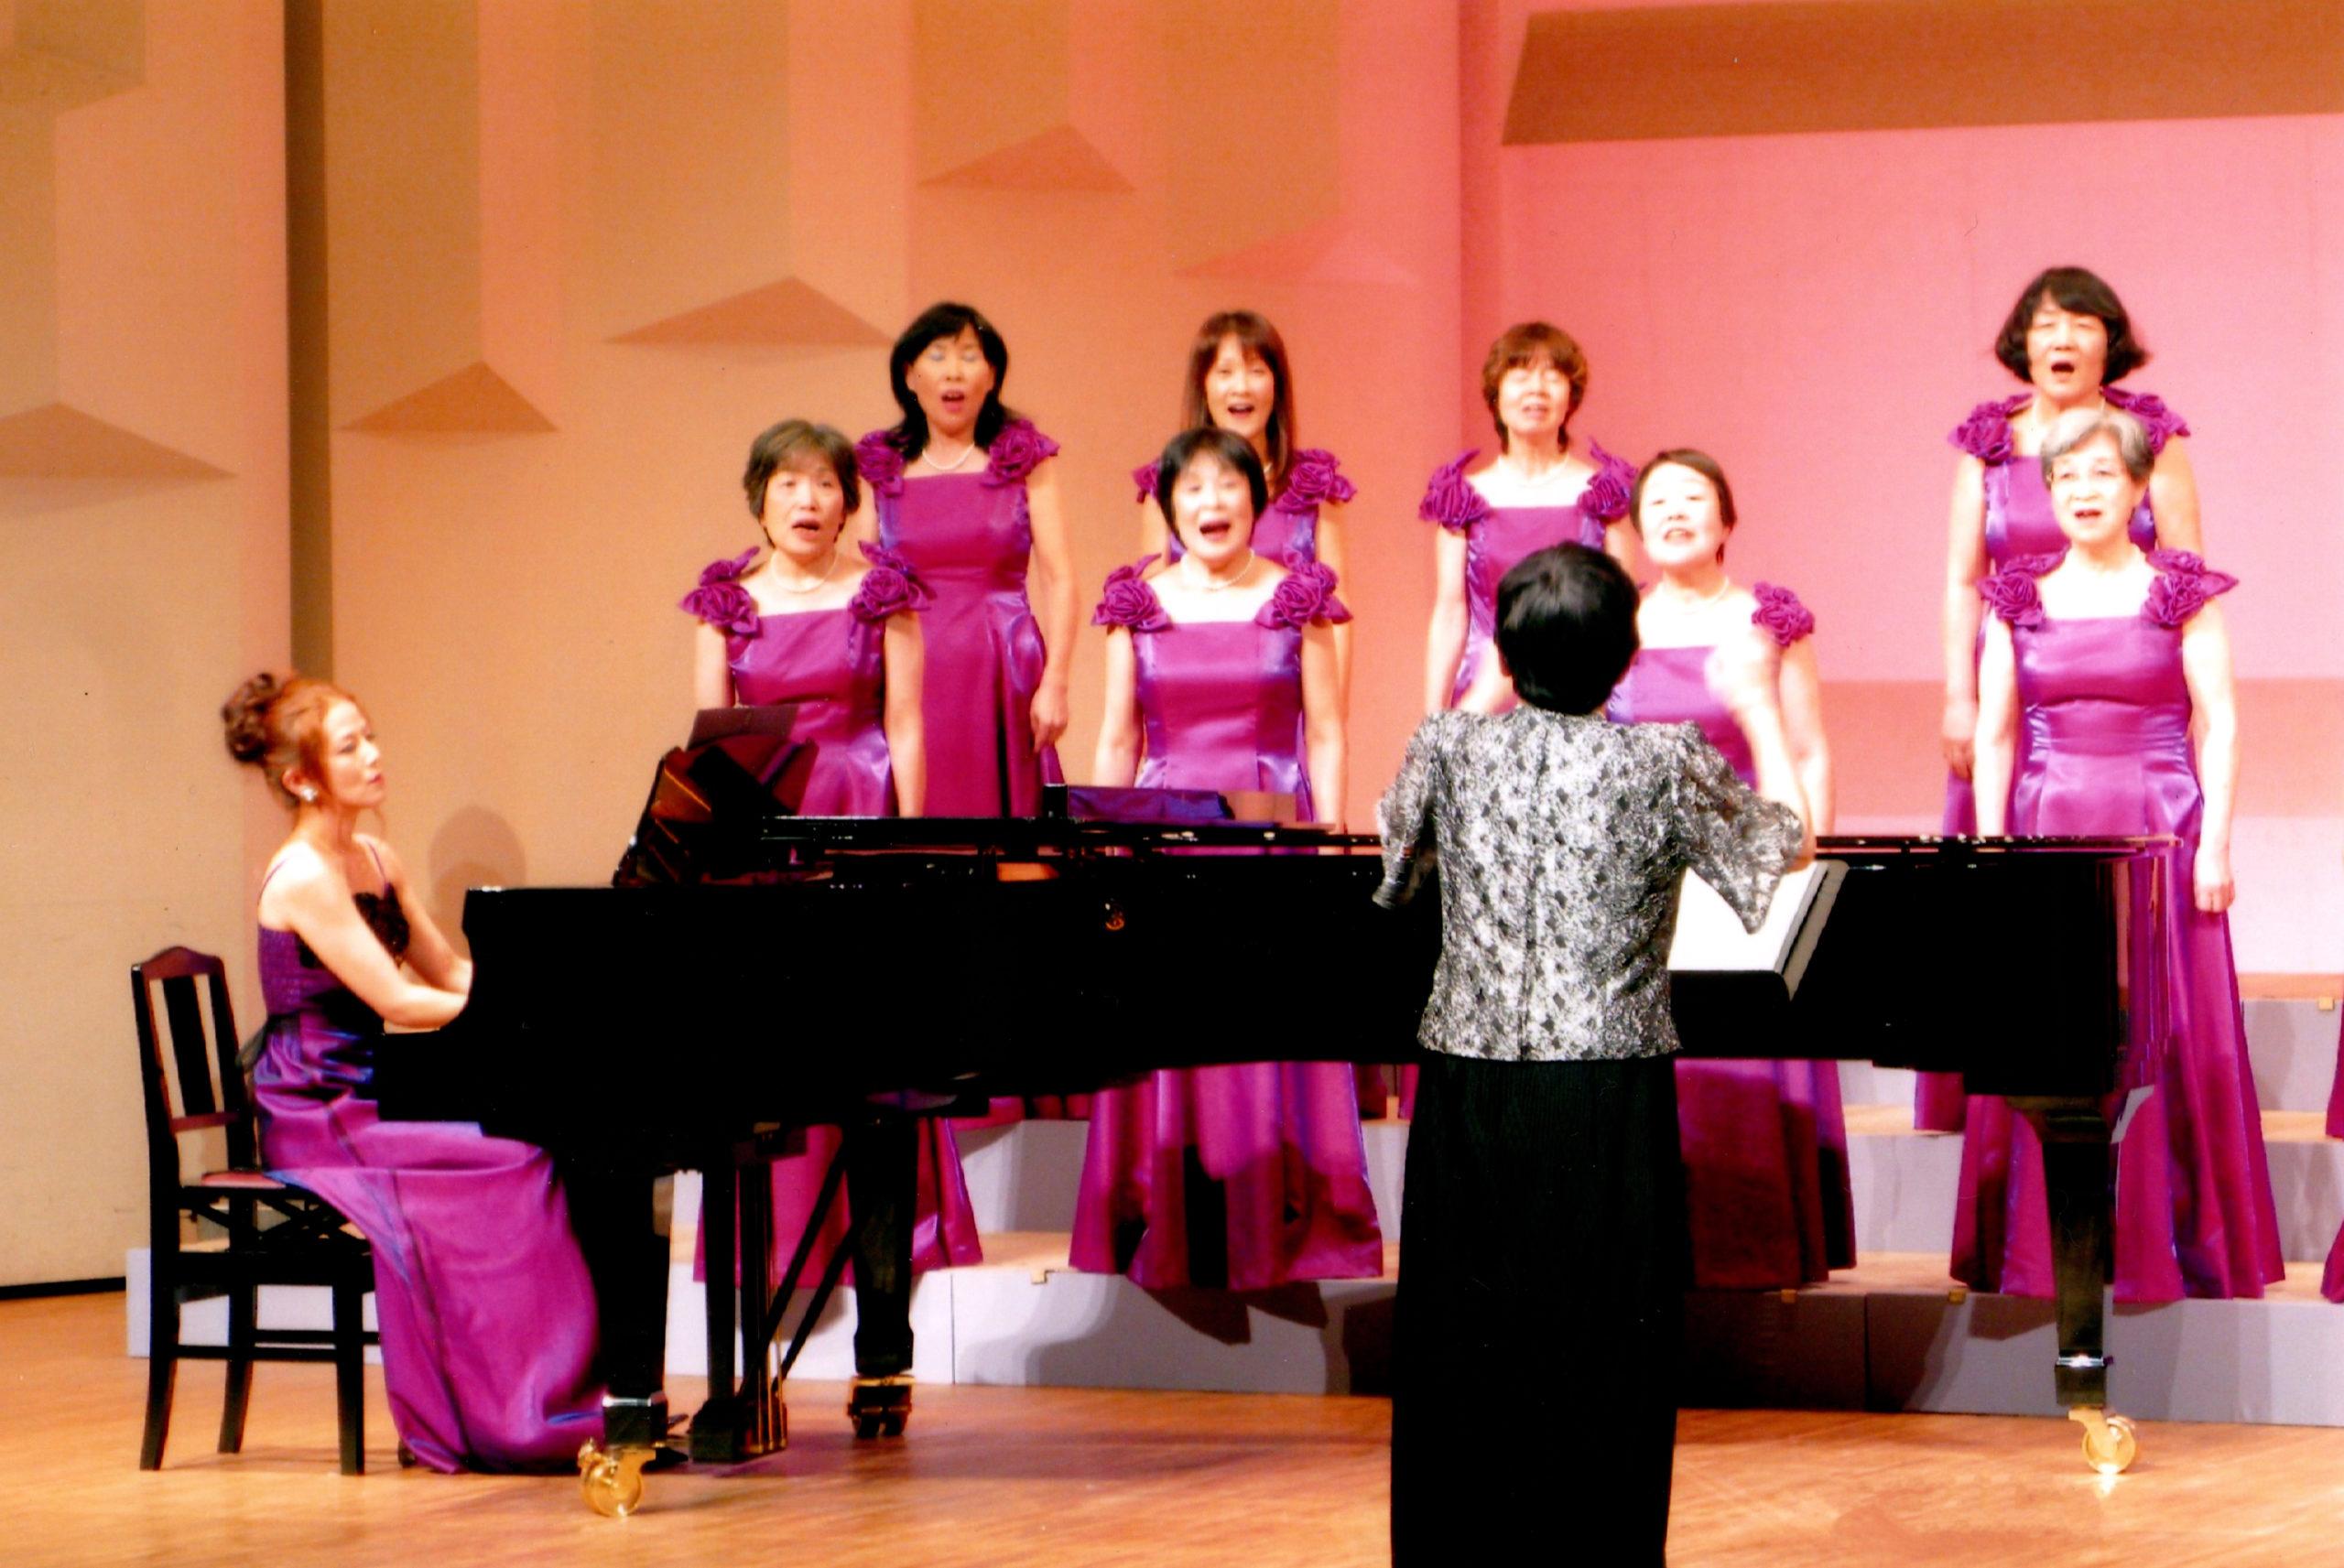 浜松市婦人合唱団でのピアノ演奏